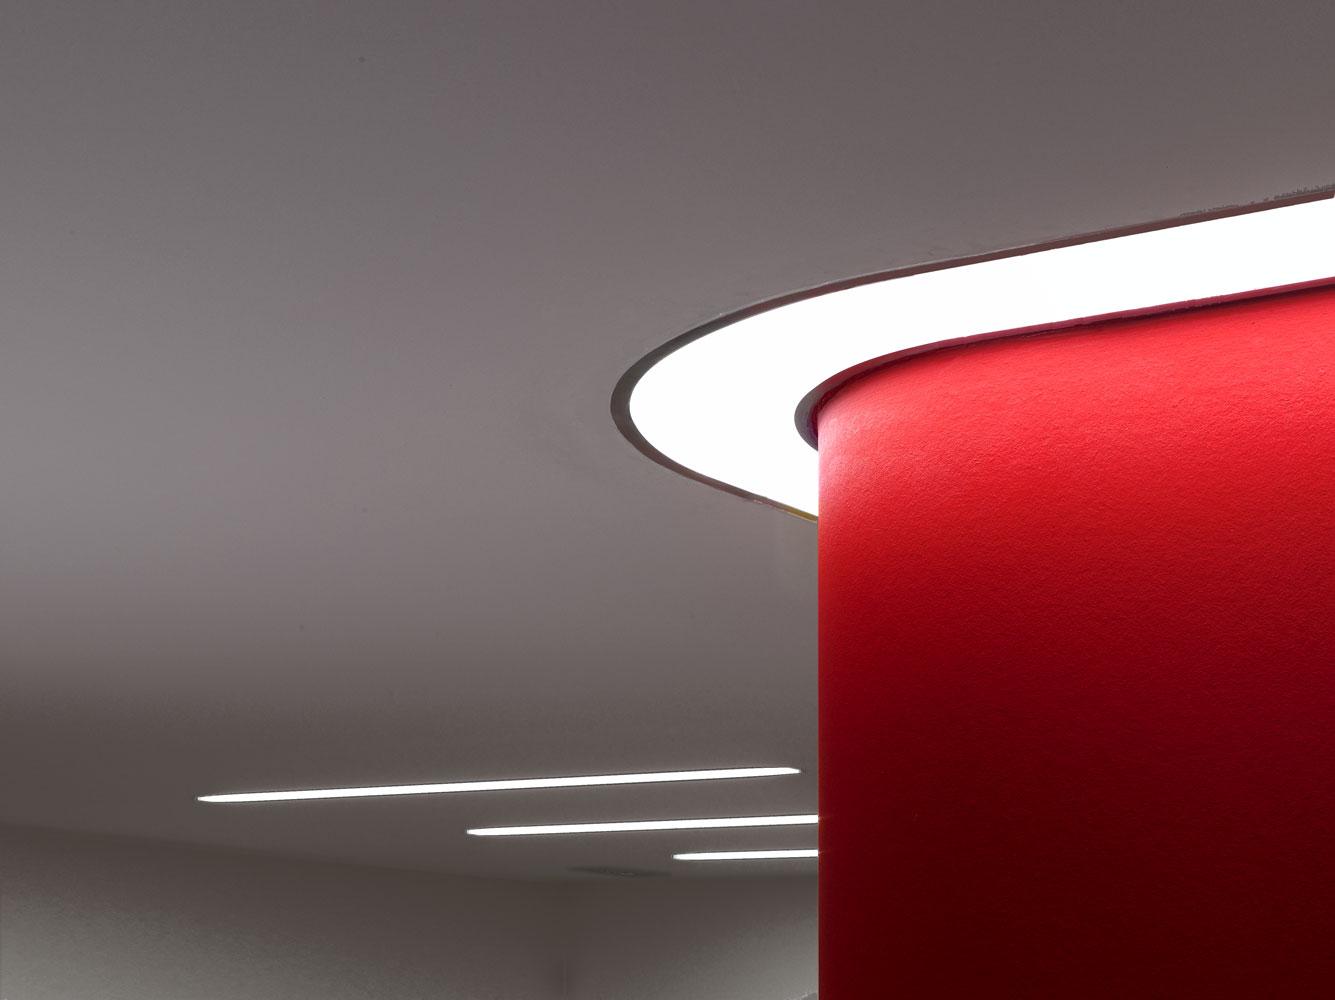 Lichtband an Decke um abgerundete Wand von Roik Architekt Hamburg